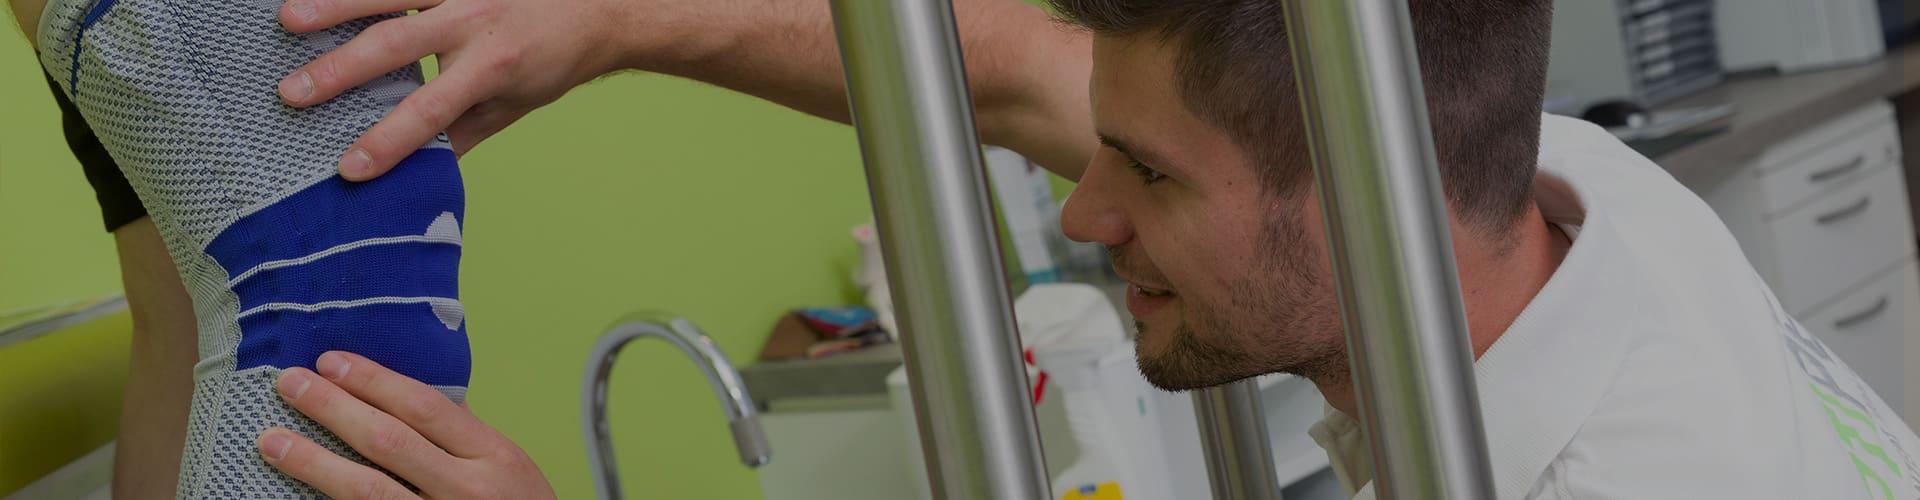 Gangauf Orthopädie Header Bandagen und Orthesen